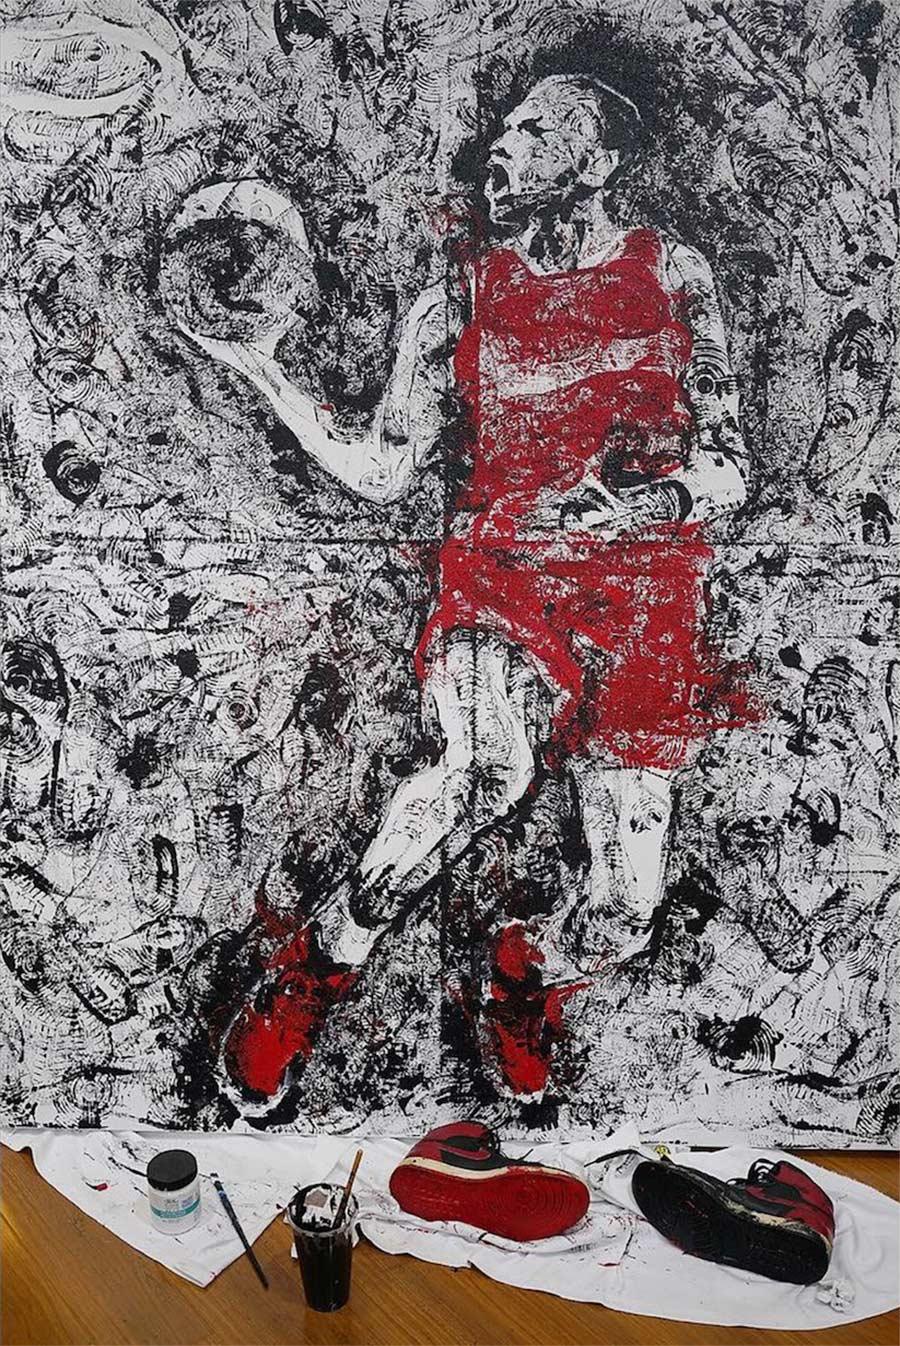 Michael Jordan mit einem Paar AIR JORDAN 1-Sneaker gemalt jordan-sneakers-portrait_02